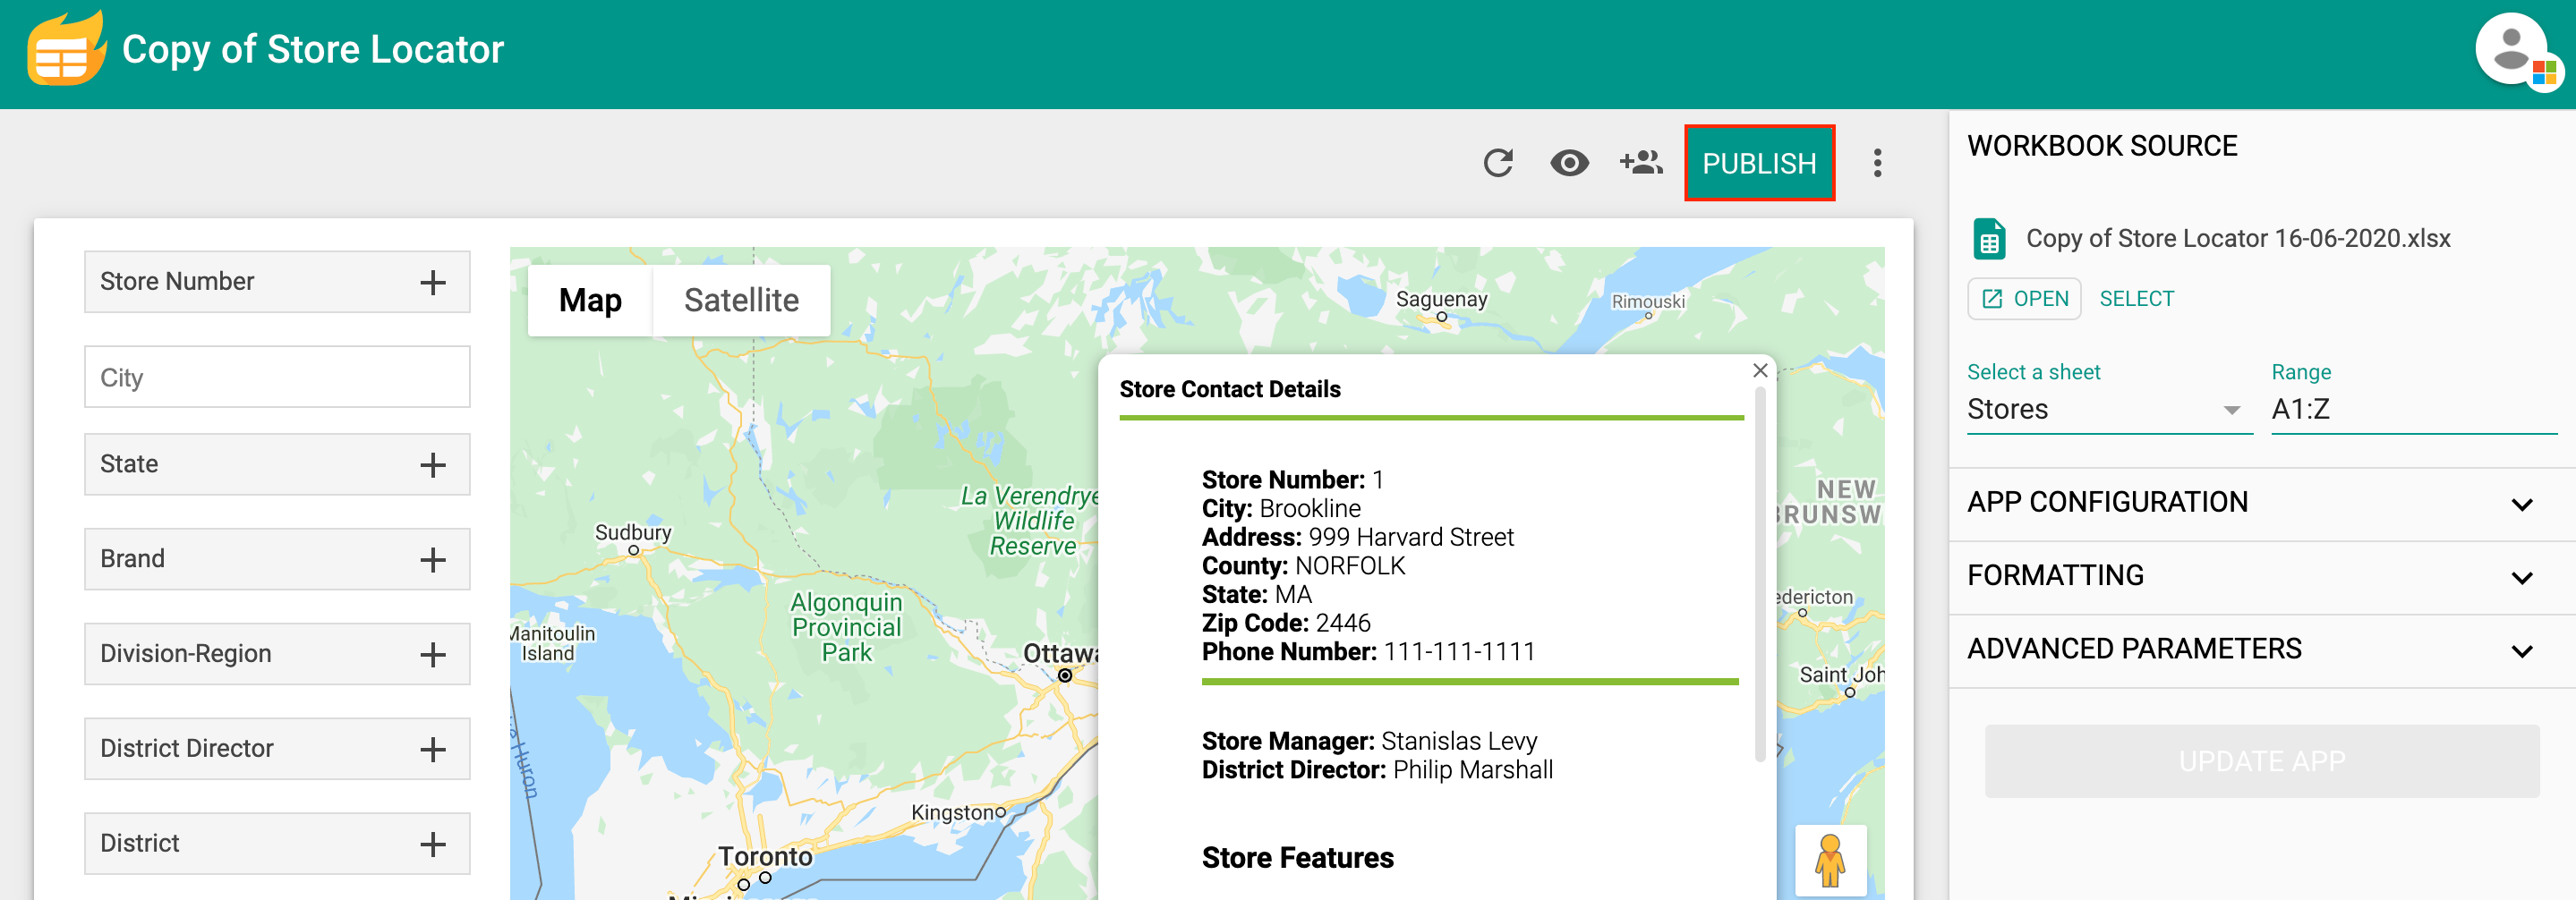 Screenshot_2020-06-16_at_17.42.20.png